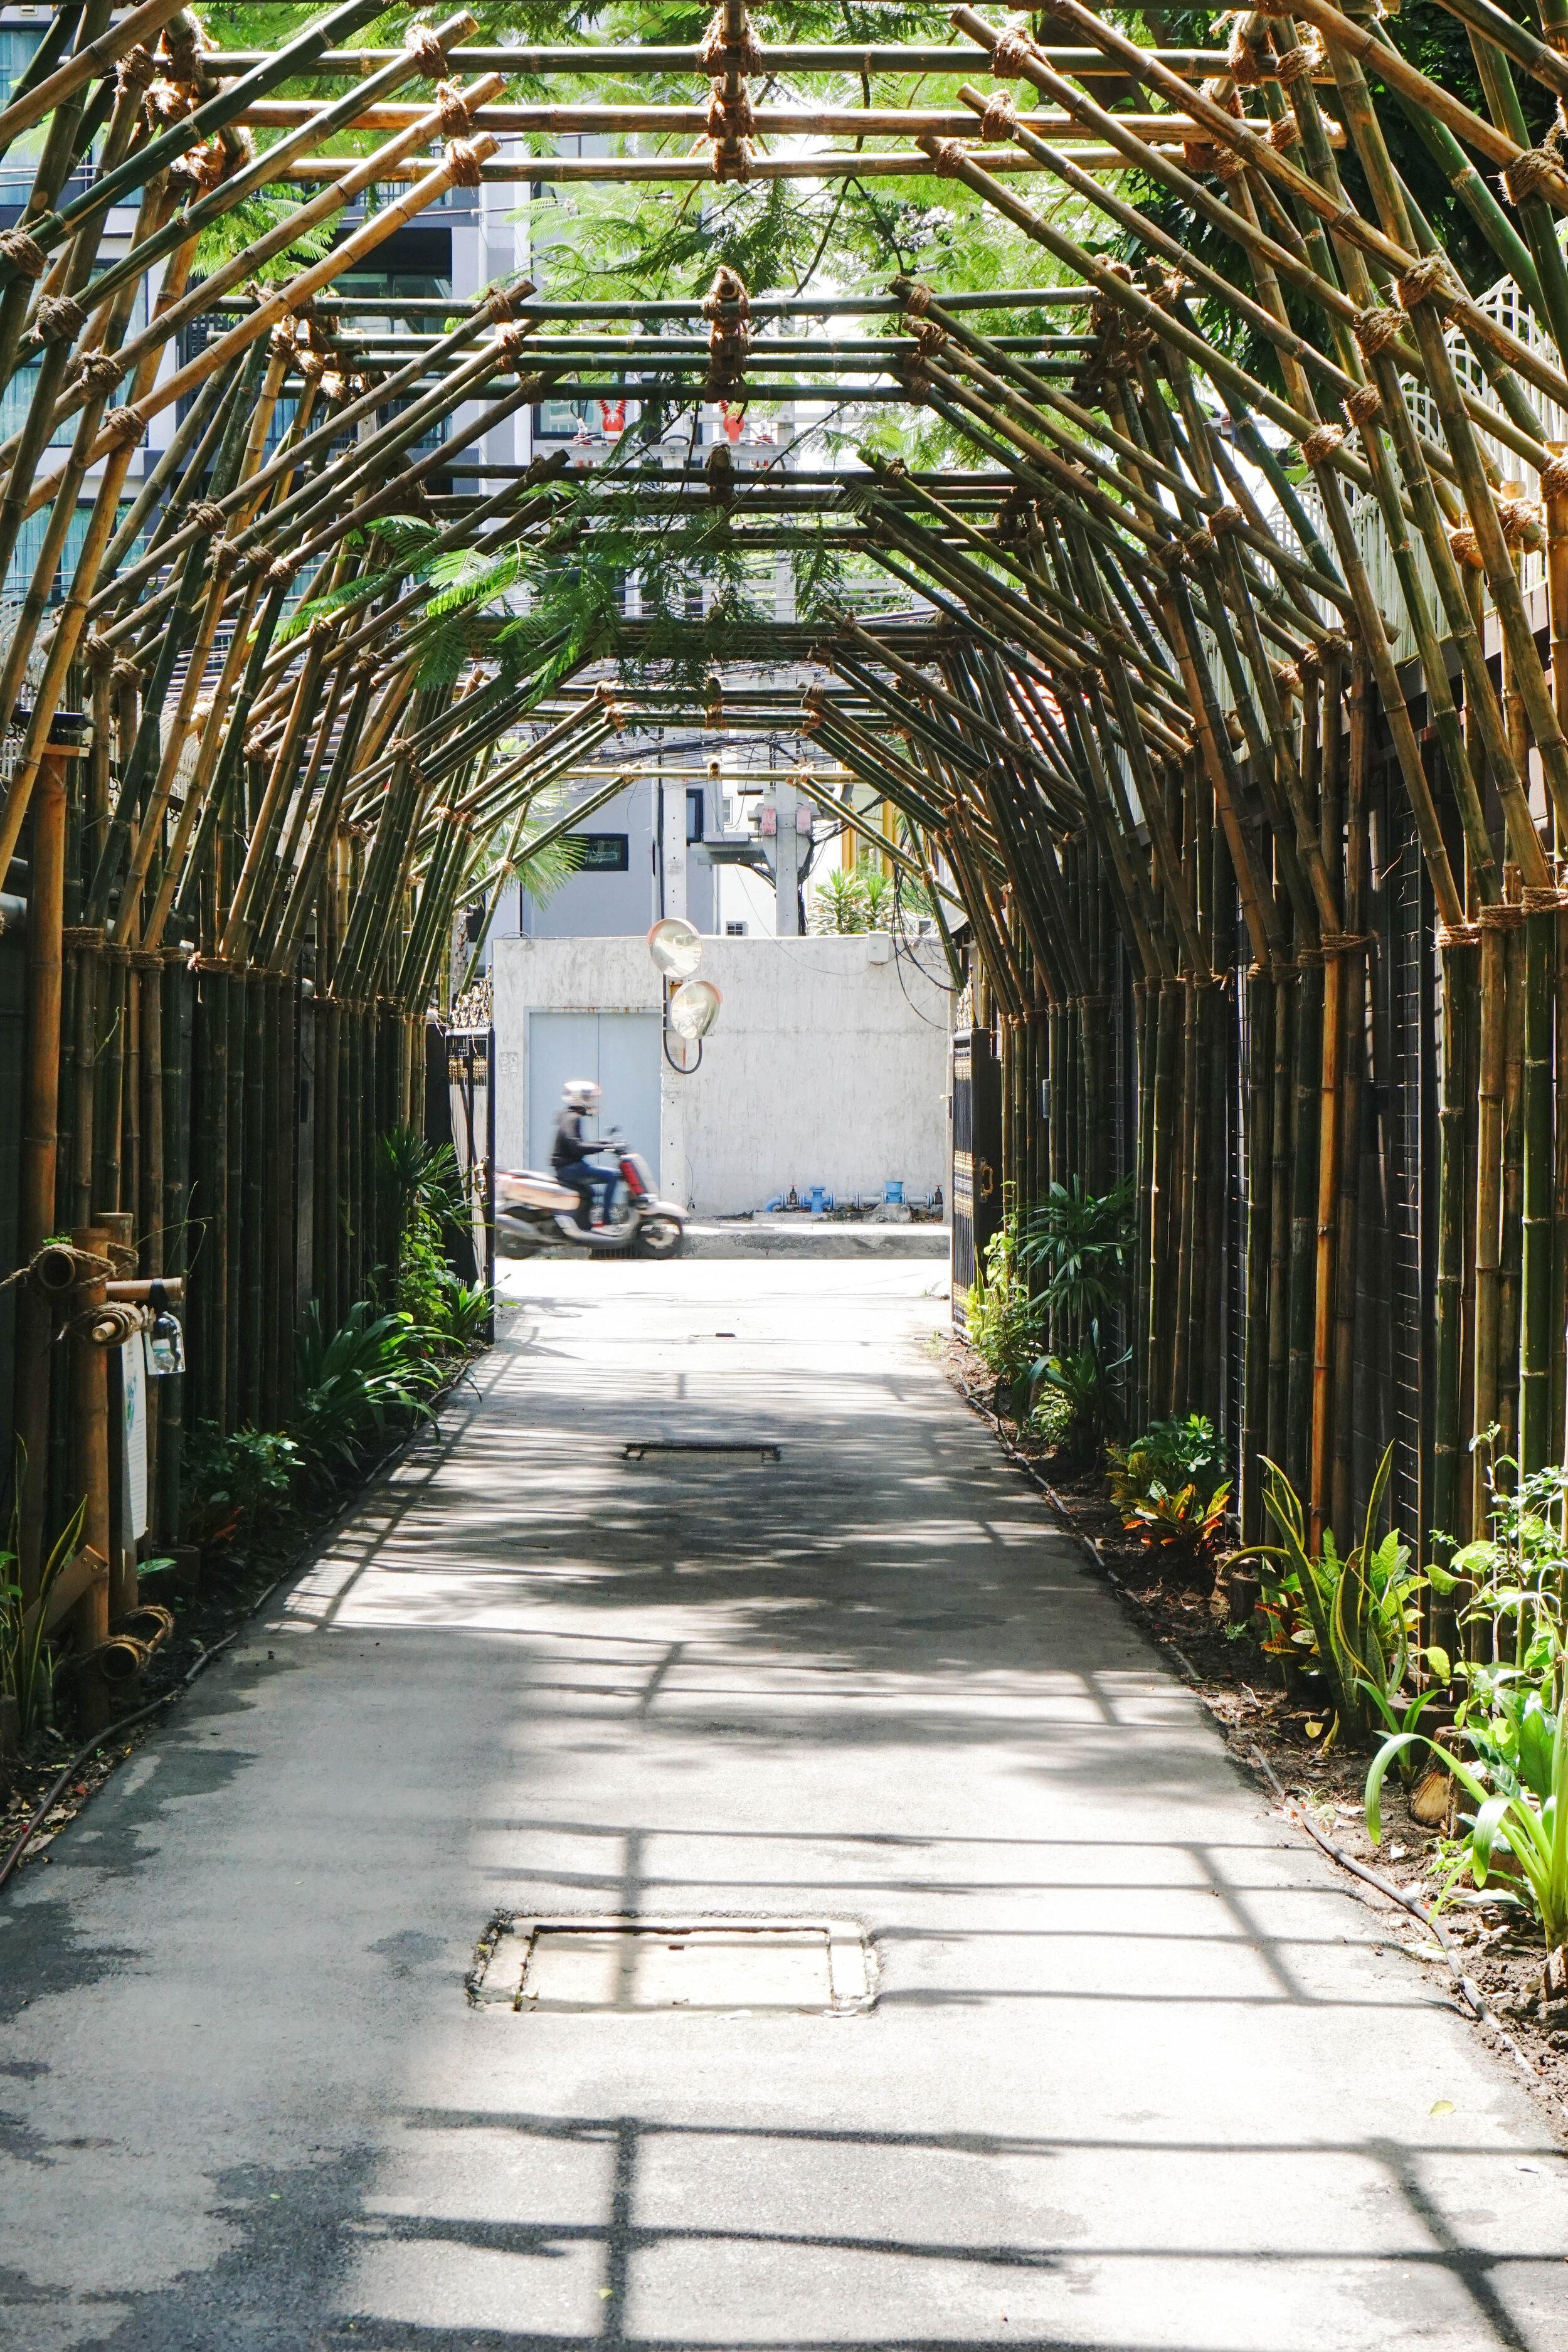 Bo.lan Edible Garden: ZONE H - The Fresh Air Tunnel